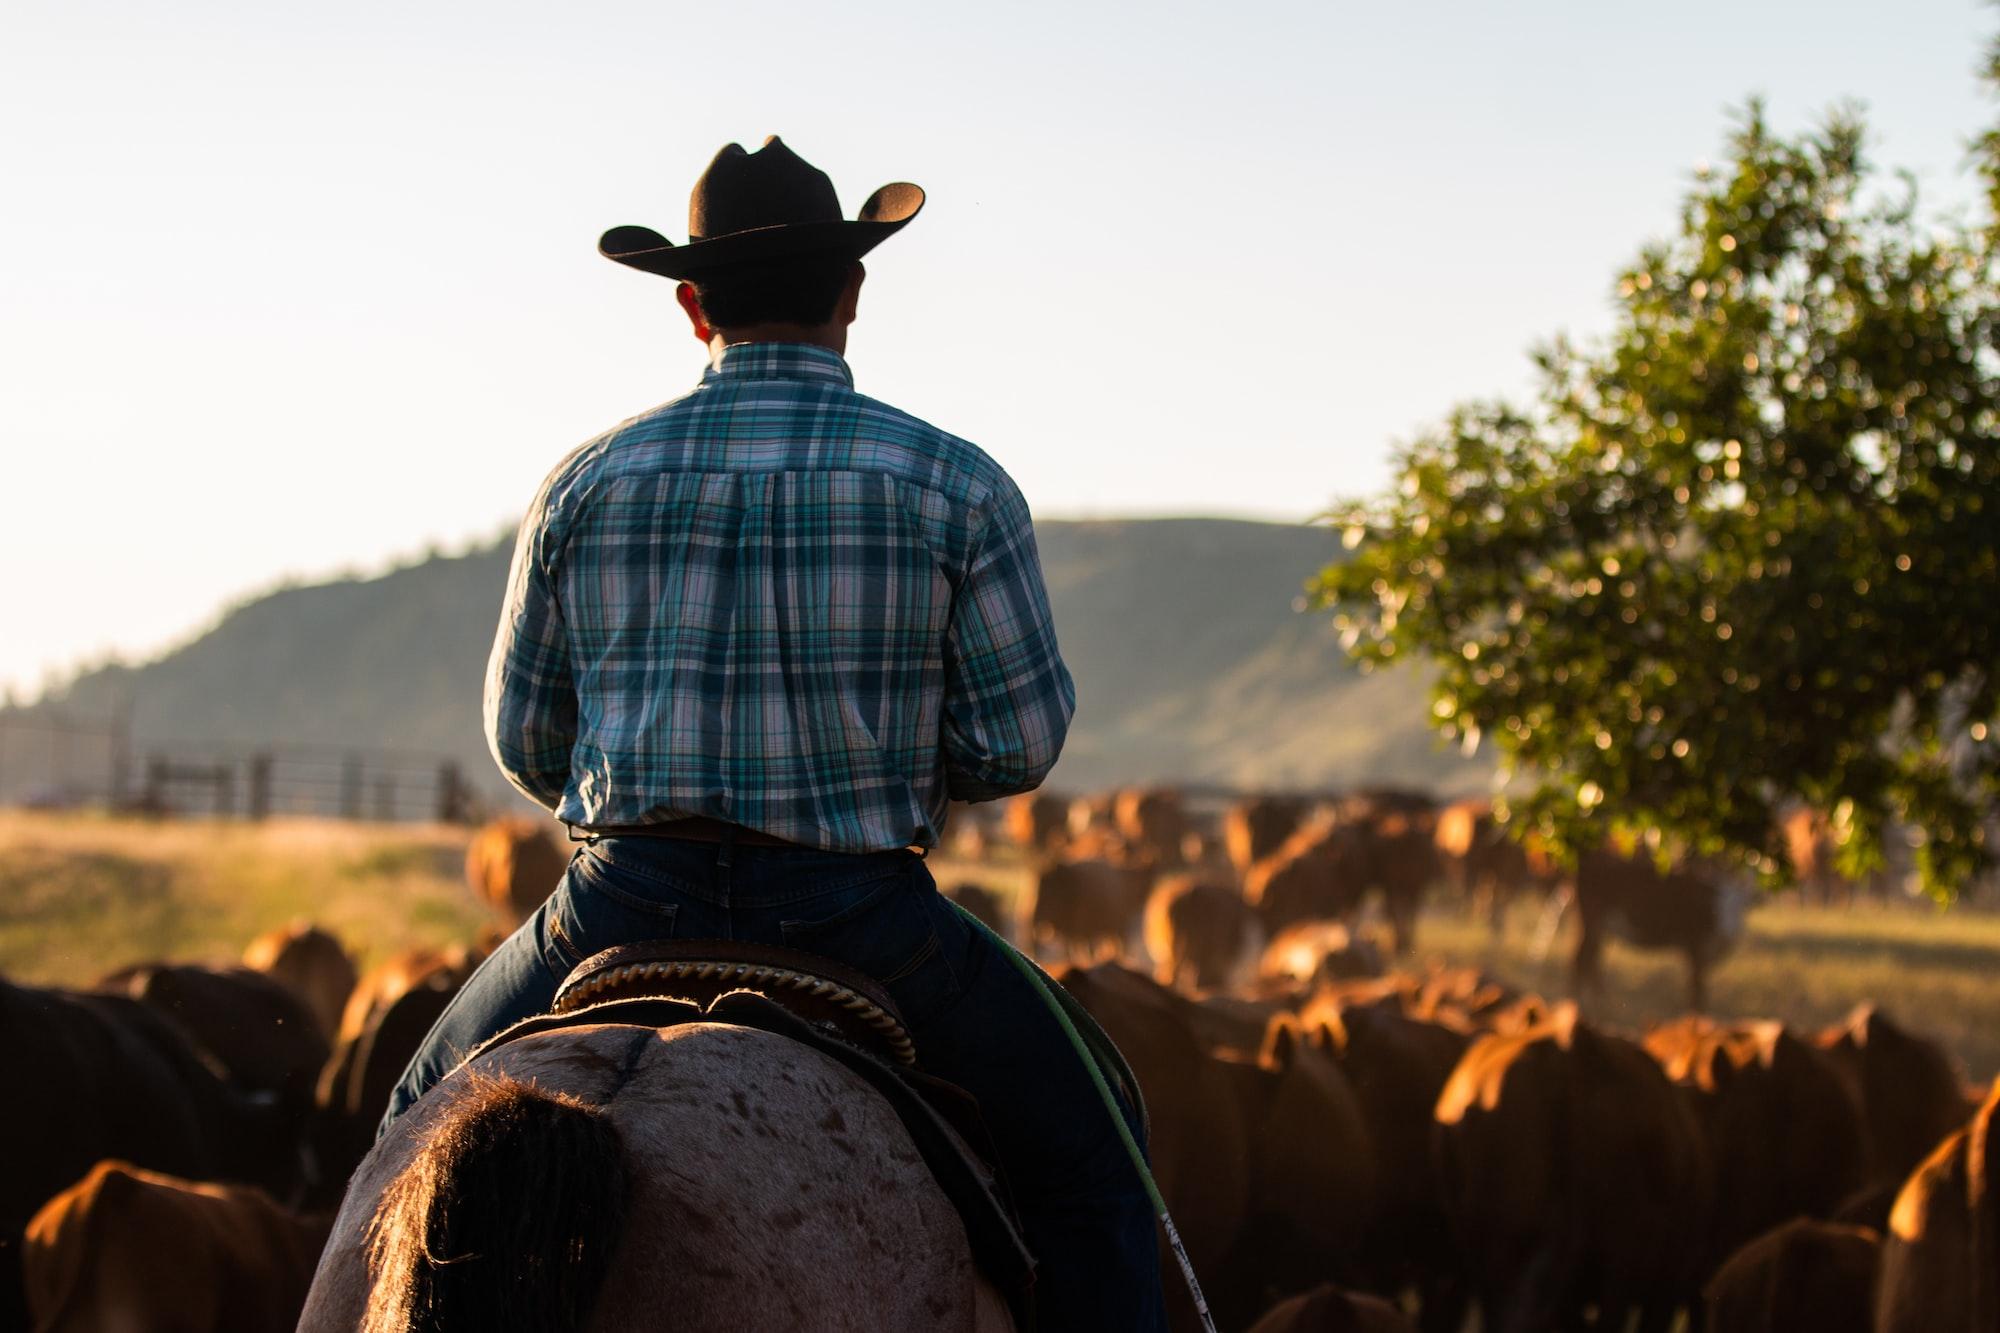 7月9-18日卡尔加里牛仔节 须提供疫苗接种证明